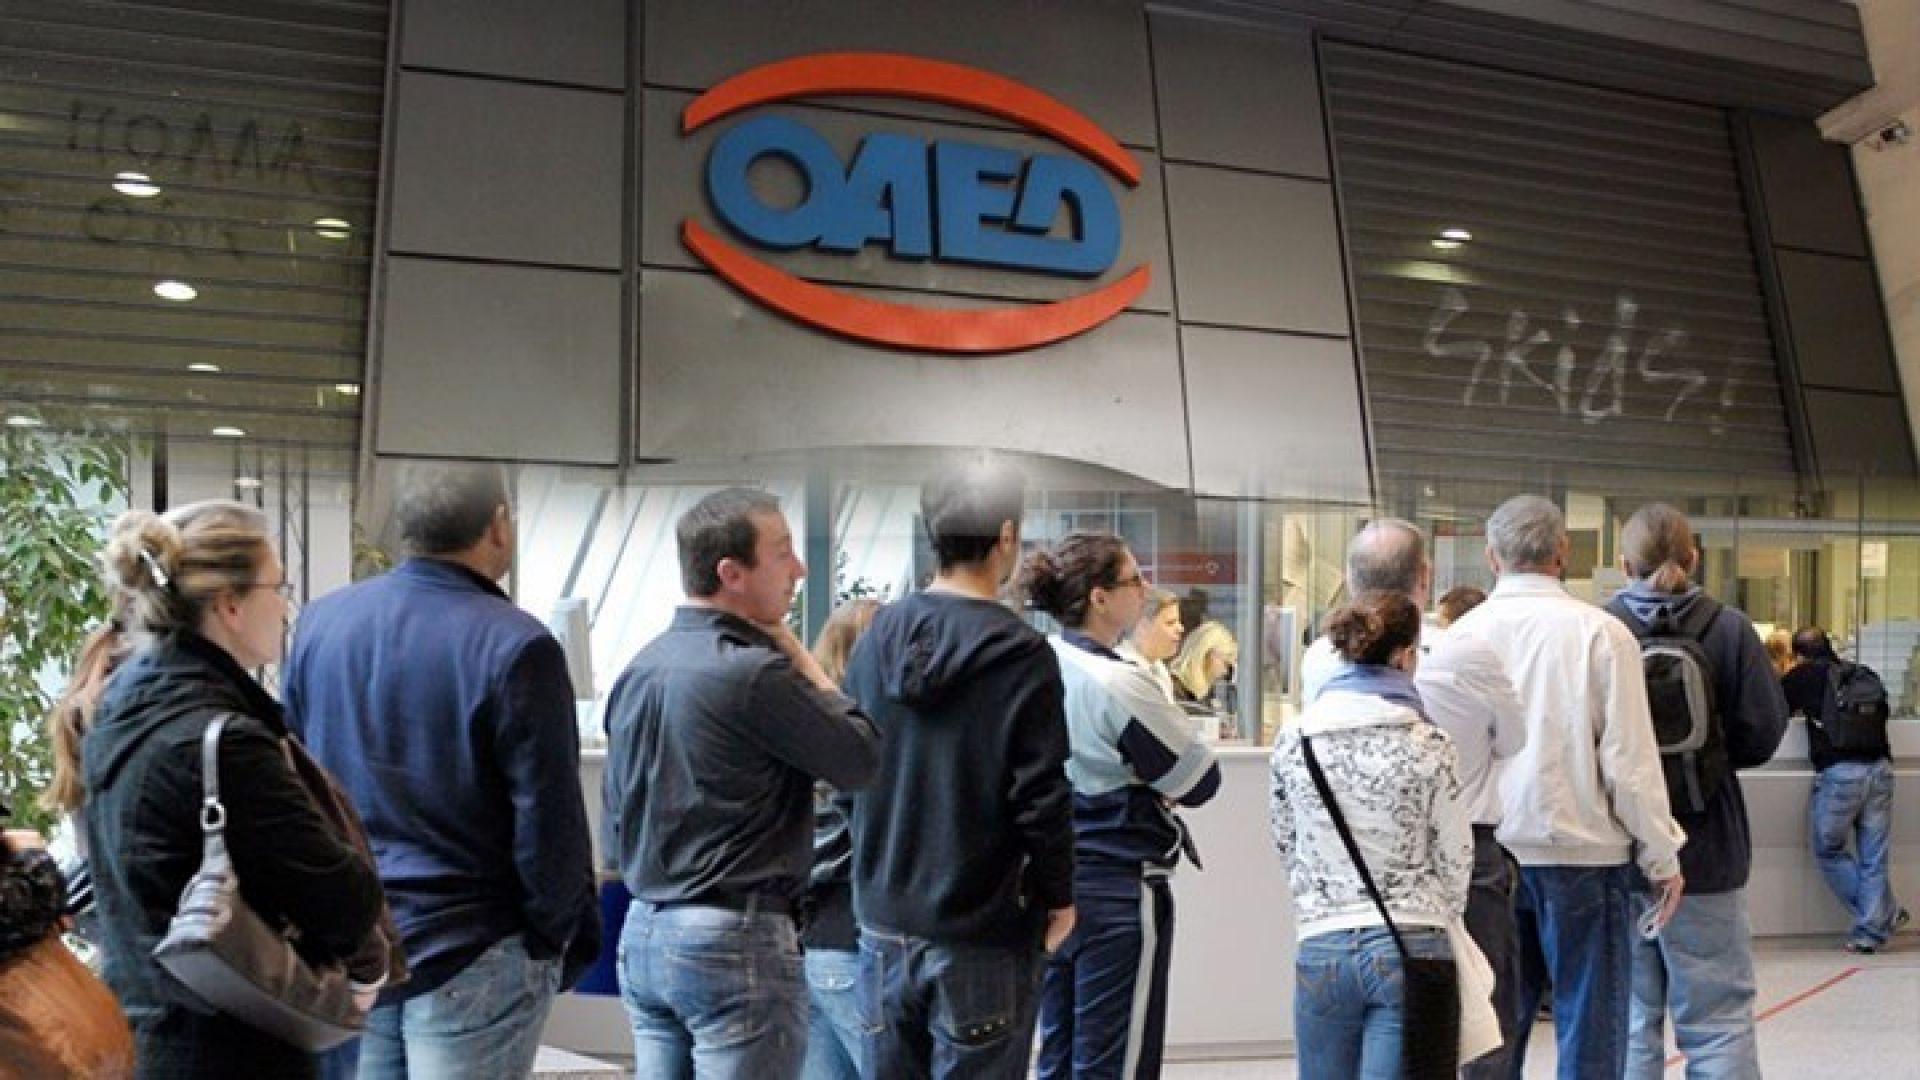 Σας αφορά: Πότε θα πληρωθούν το δώρο Χριστουγέννων και τα επιδόματα ανεργίας από τον ΟΑΕΔ